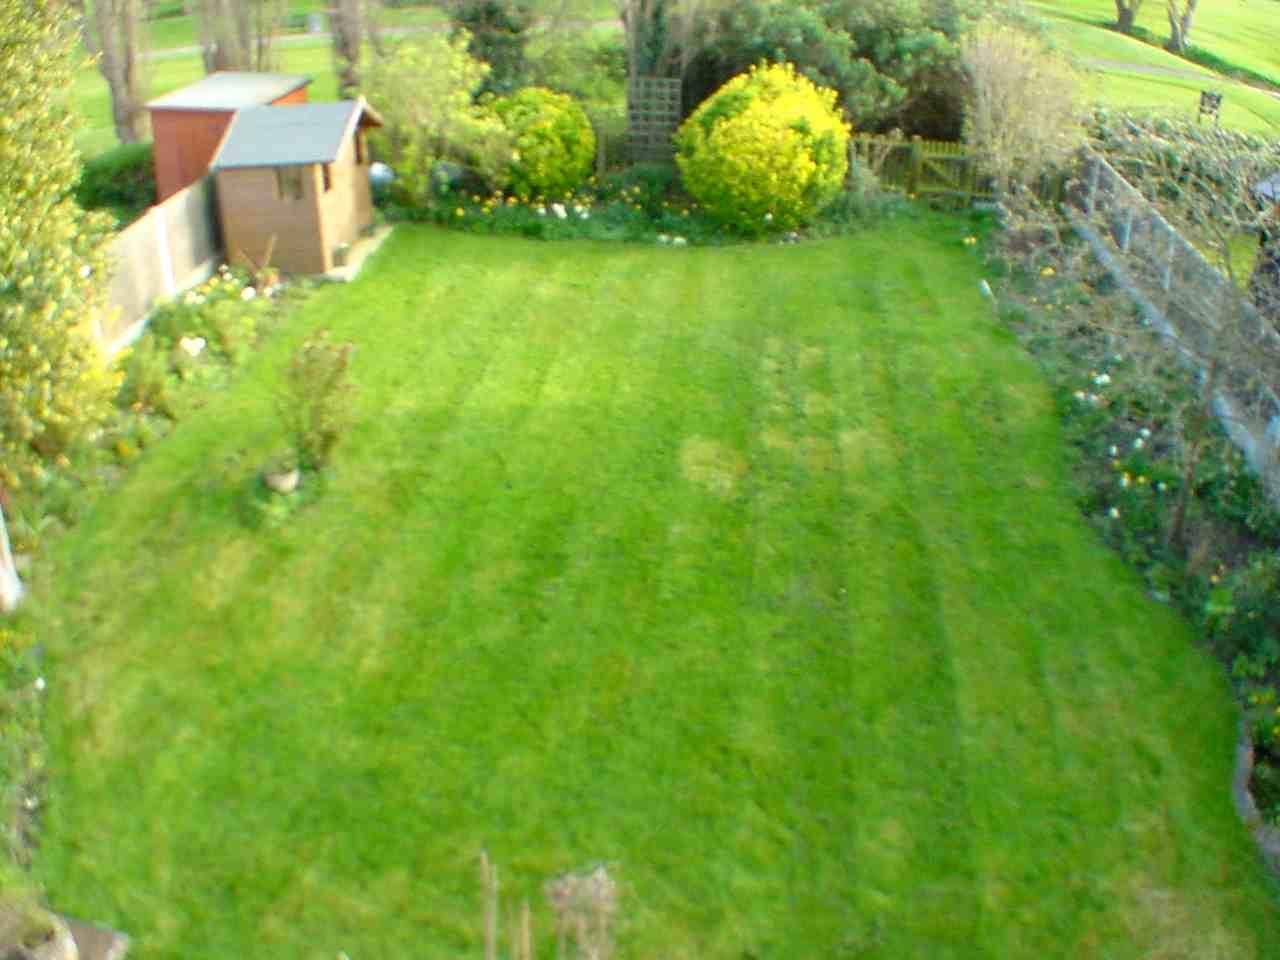 Lawn Cut.jpg